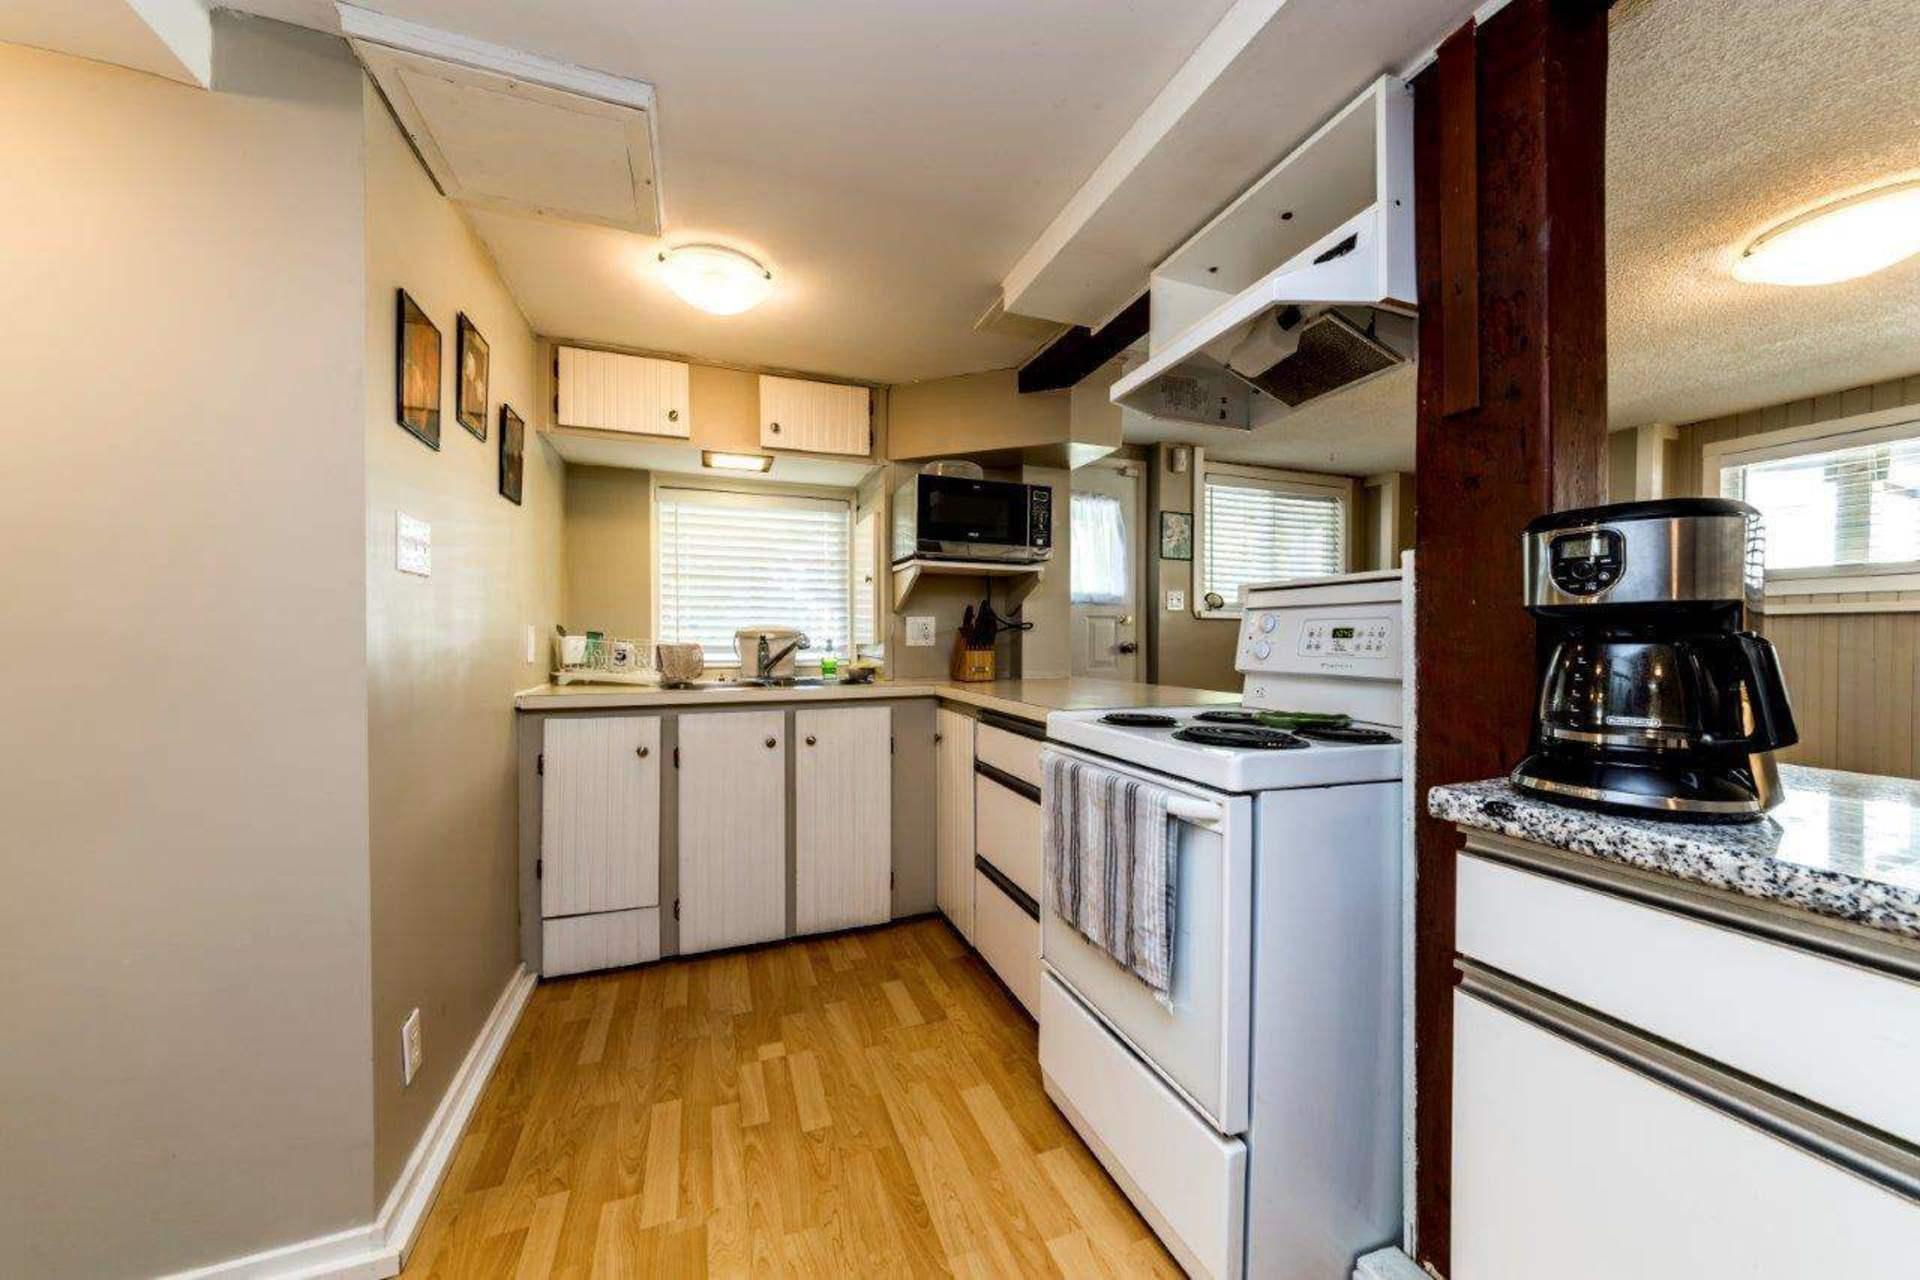 2421-jones-avenue-central-lonsdale-north-vancouver-17 at 2421 Jones Avenue, Central Lonsdale, North Vancouver